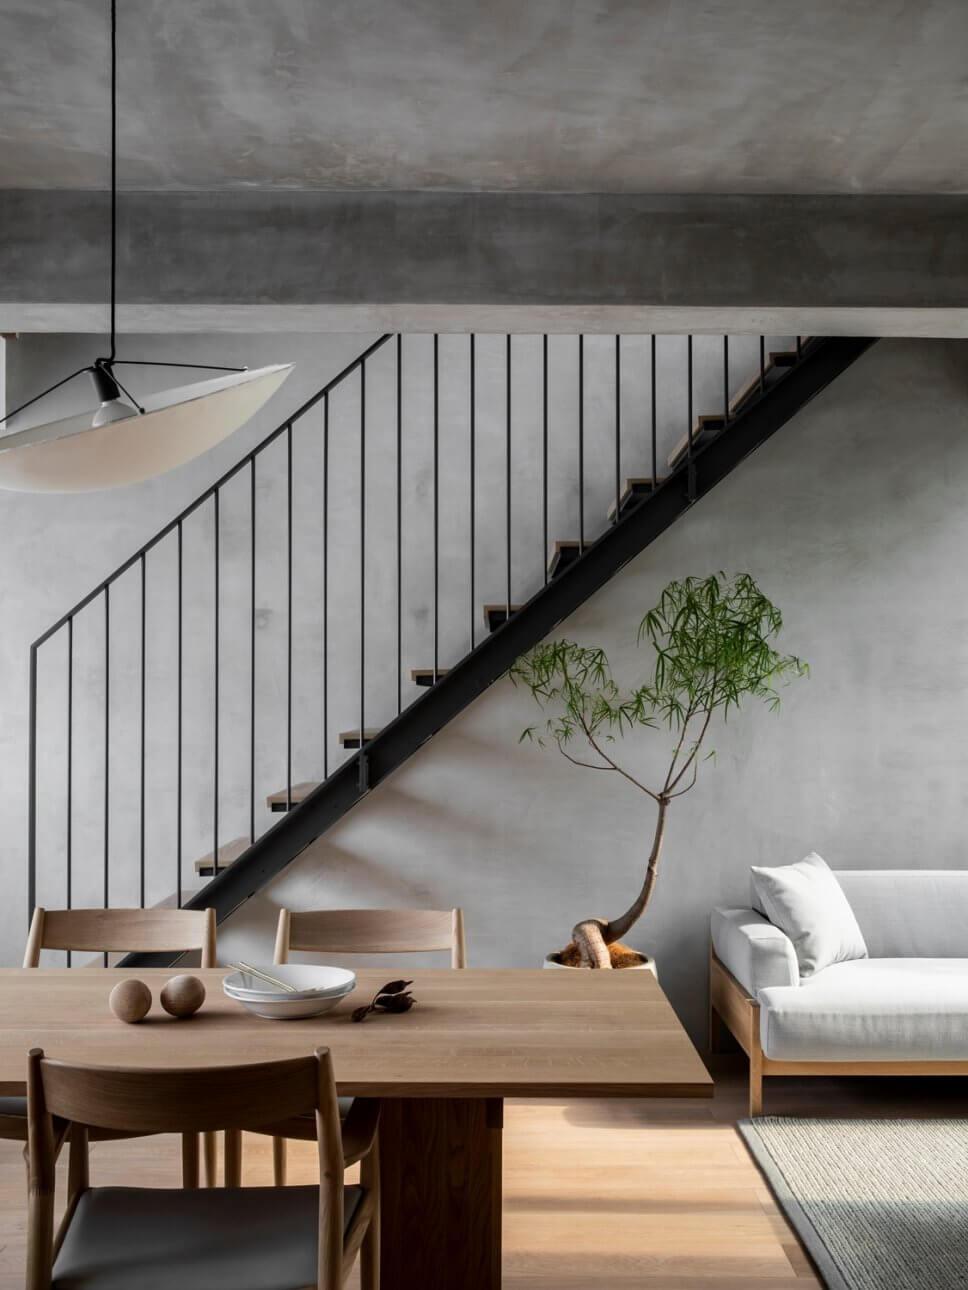 Japanisches Esszimmer mit Holztisch, Stühlen, Zimmerpflanze und Treppe